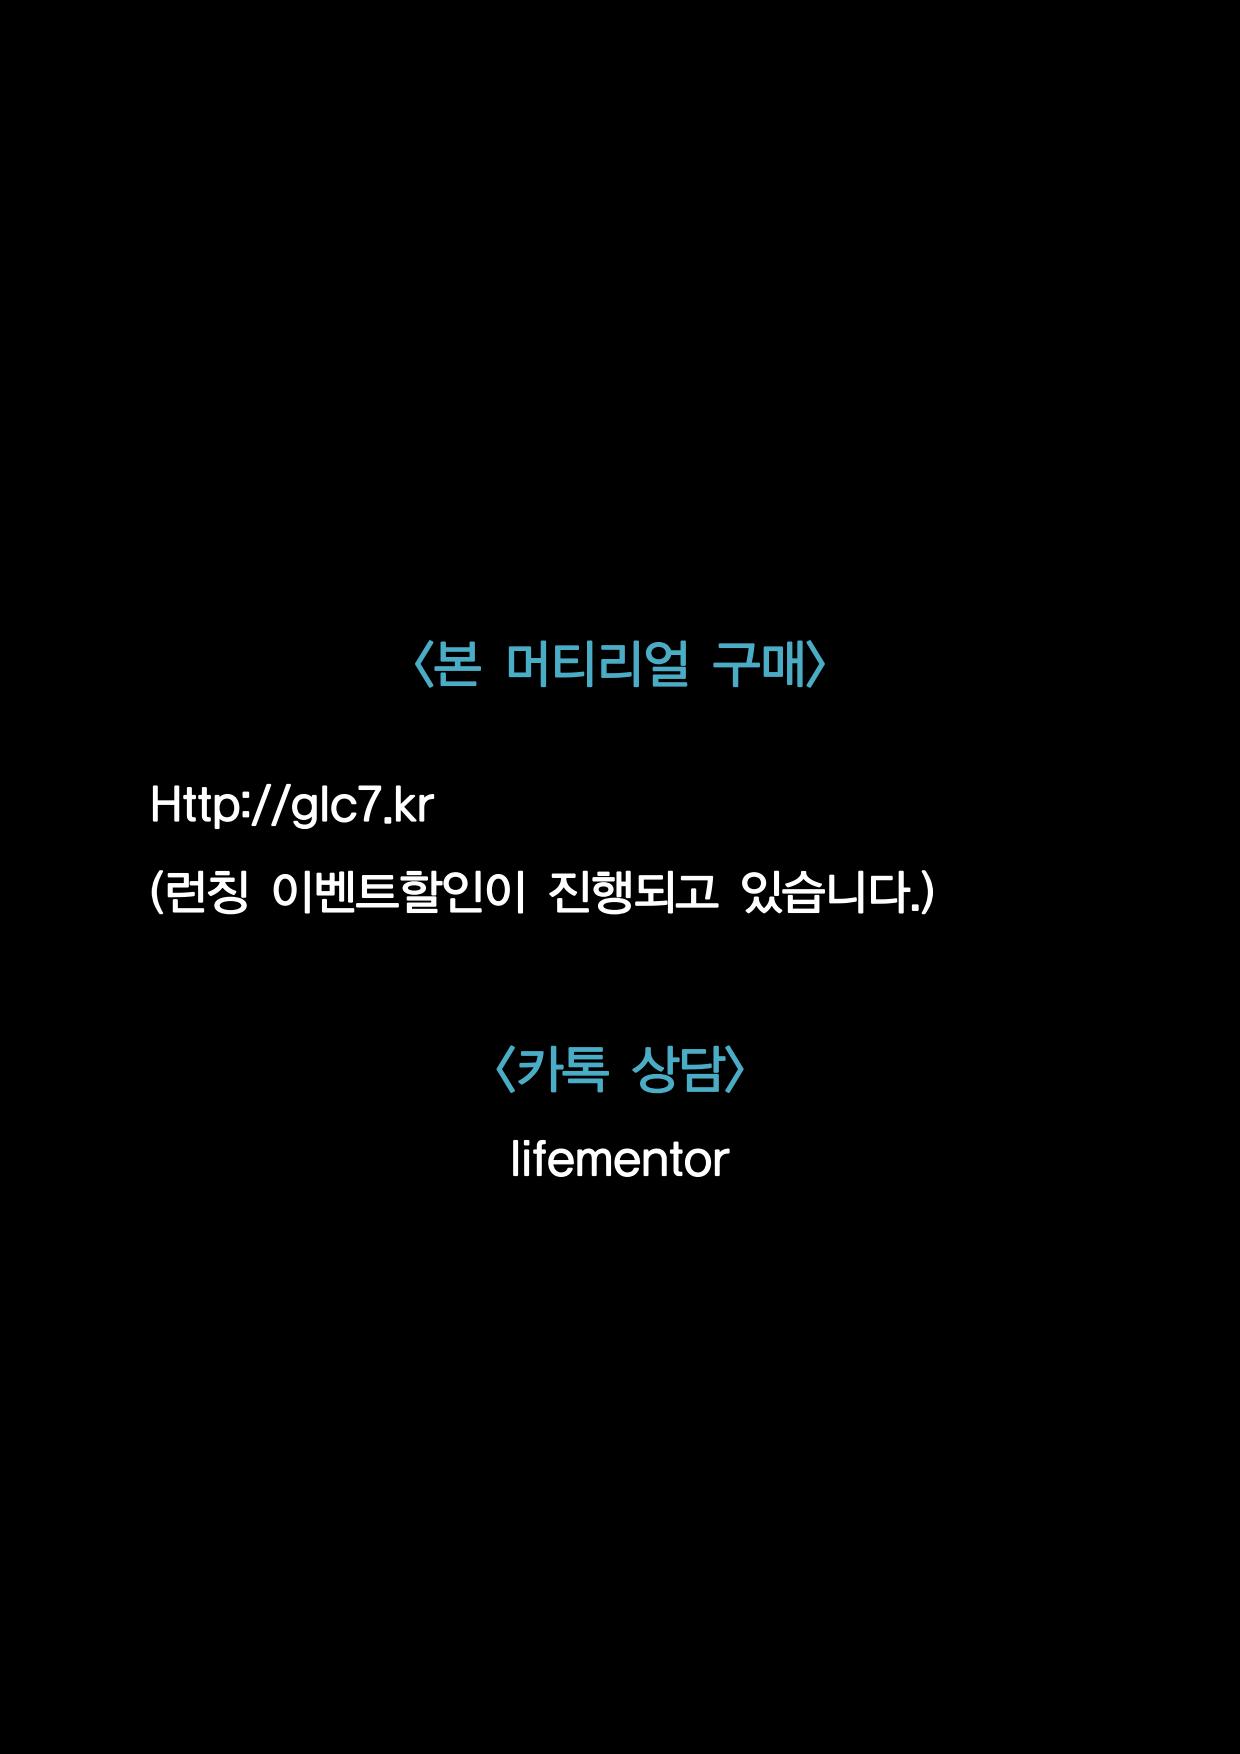 본 머티리어 1회차 홍보글 v3(수강후기 따로 편집요함)_49.png